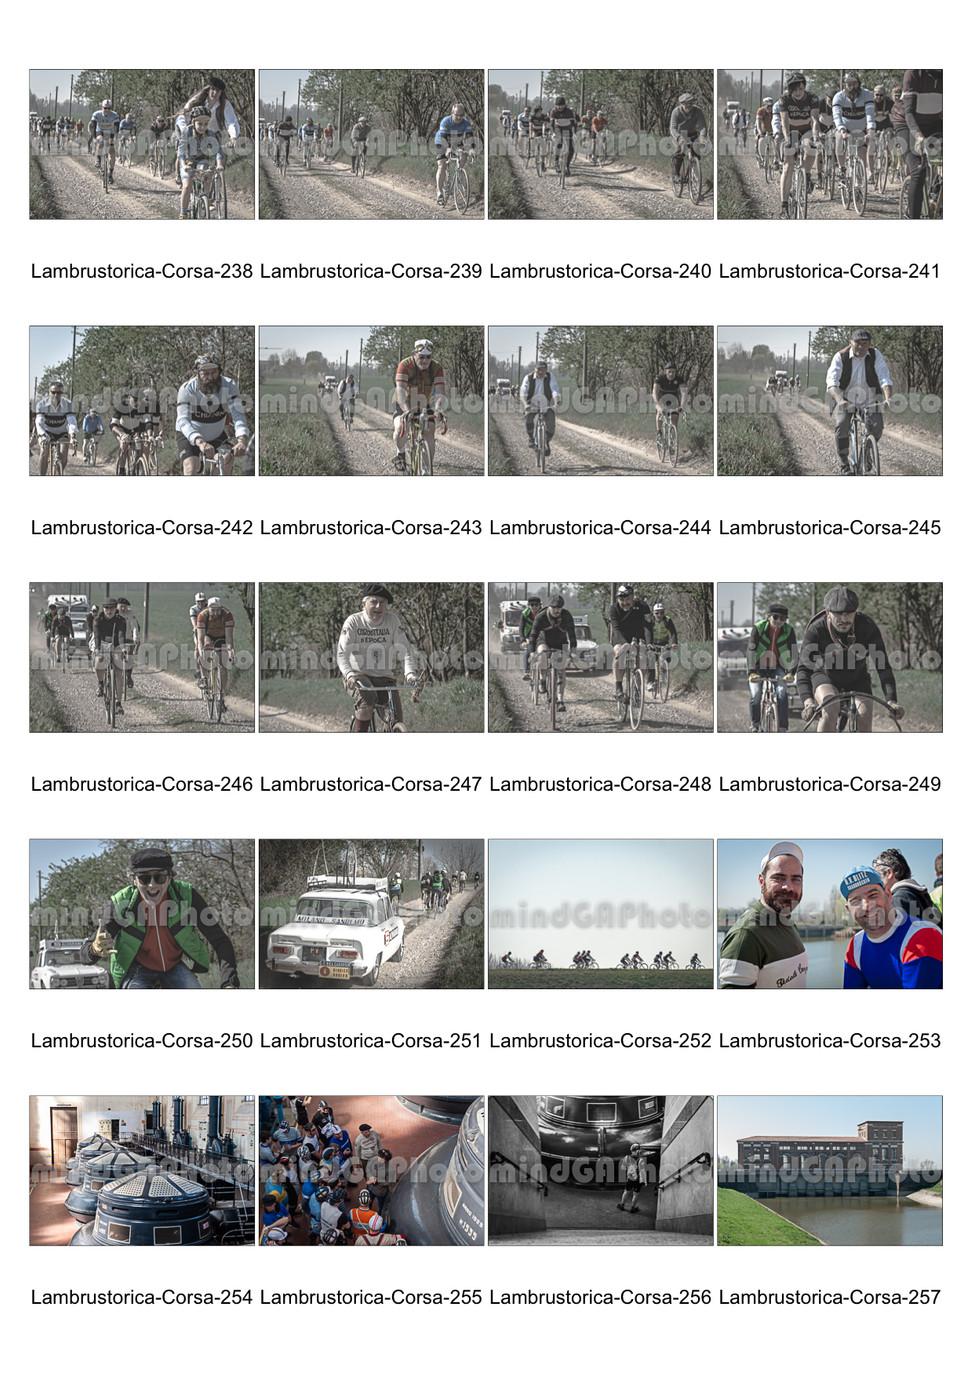 Lambrustorica Corsa 2pt-6.jpg